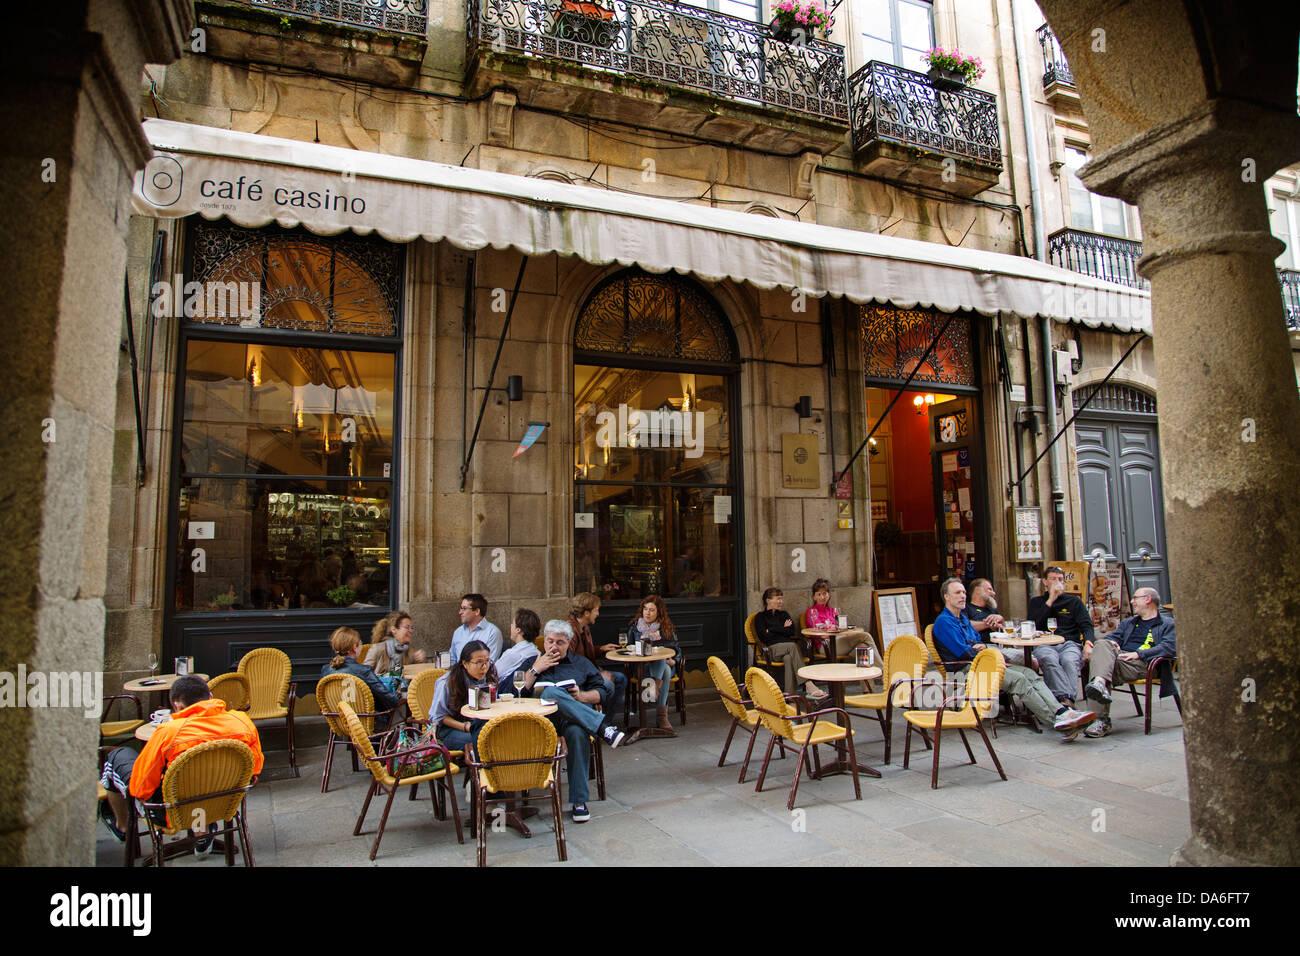 Cafe Casino Santiago de Compostela A Coruña Galicia Spain Stock Photo